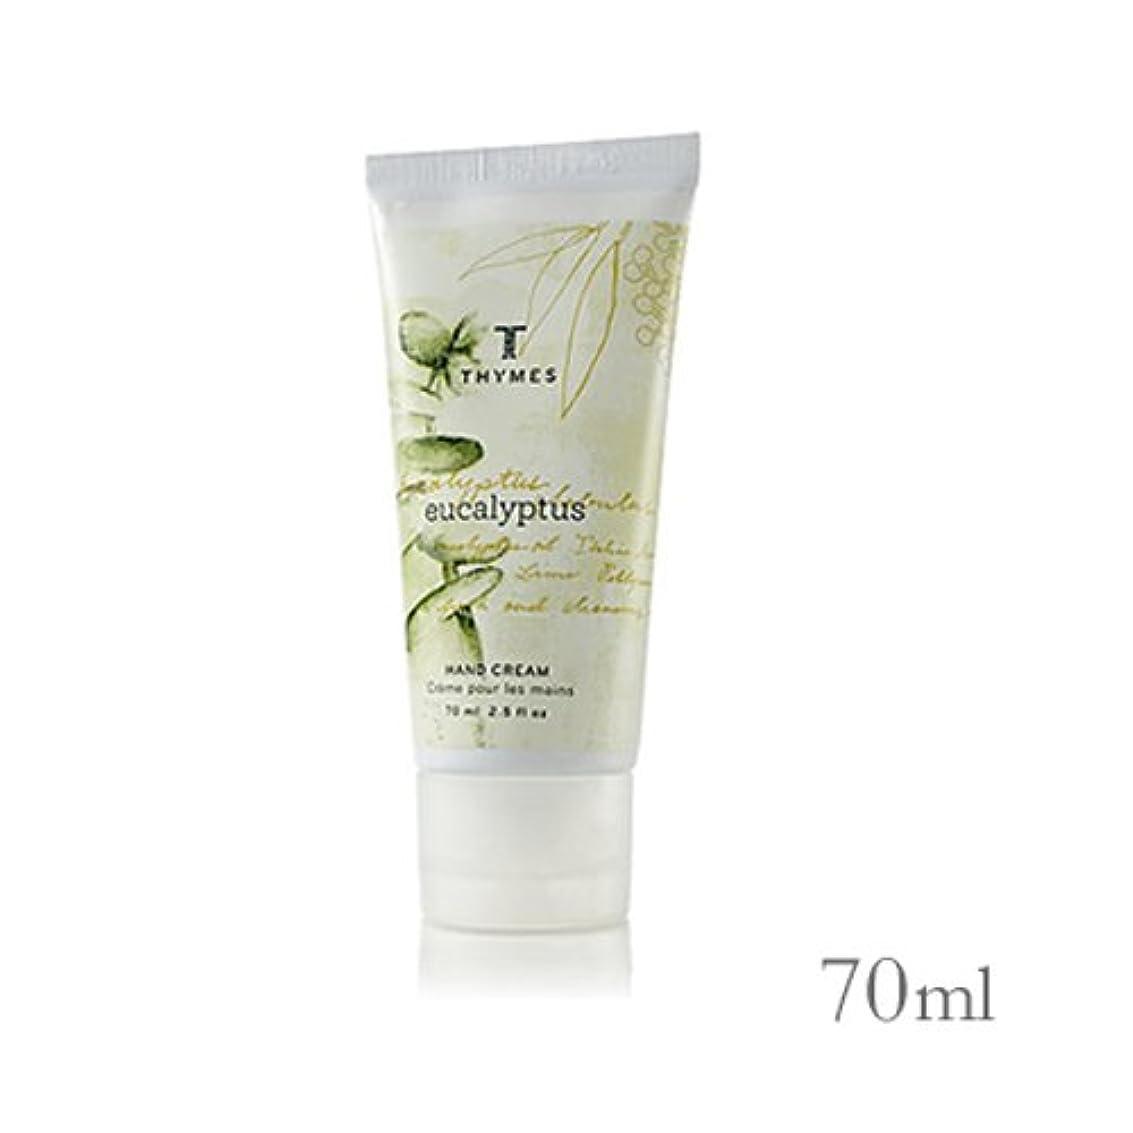 繁殖大形成THYMES タイムズ ハンドクリーム 70ml ユーカリ Hand Cream 2.5 fl oz Eucalyptus [並行輸入品]